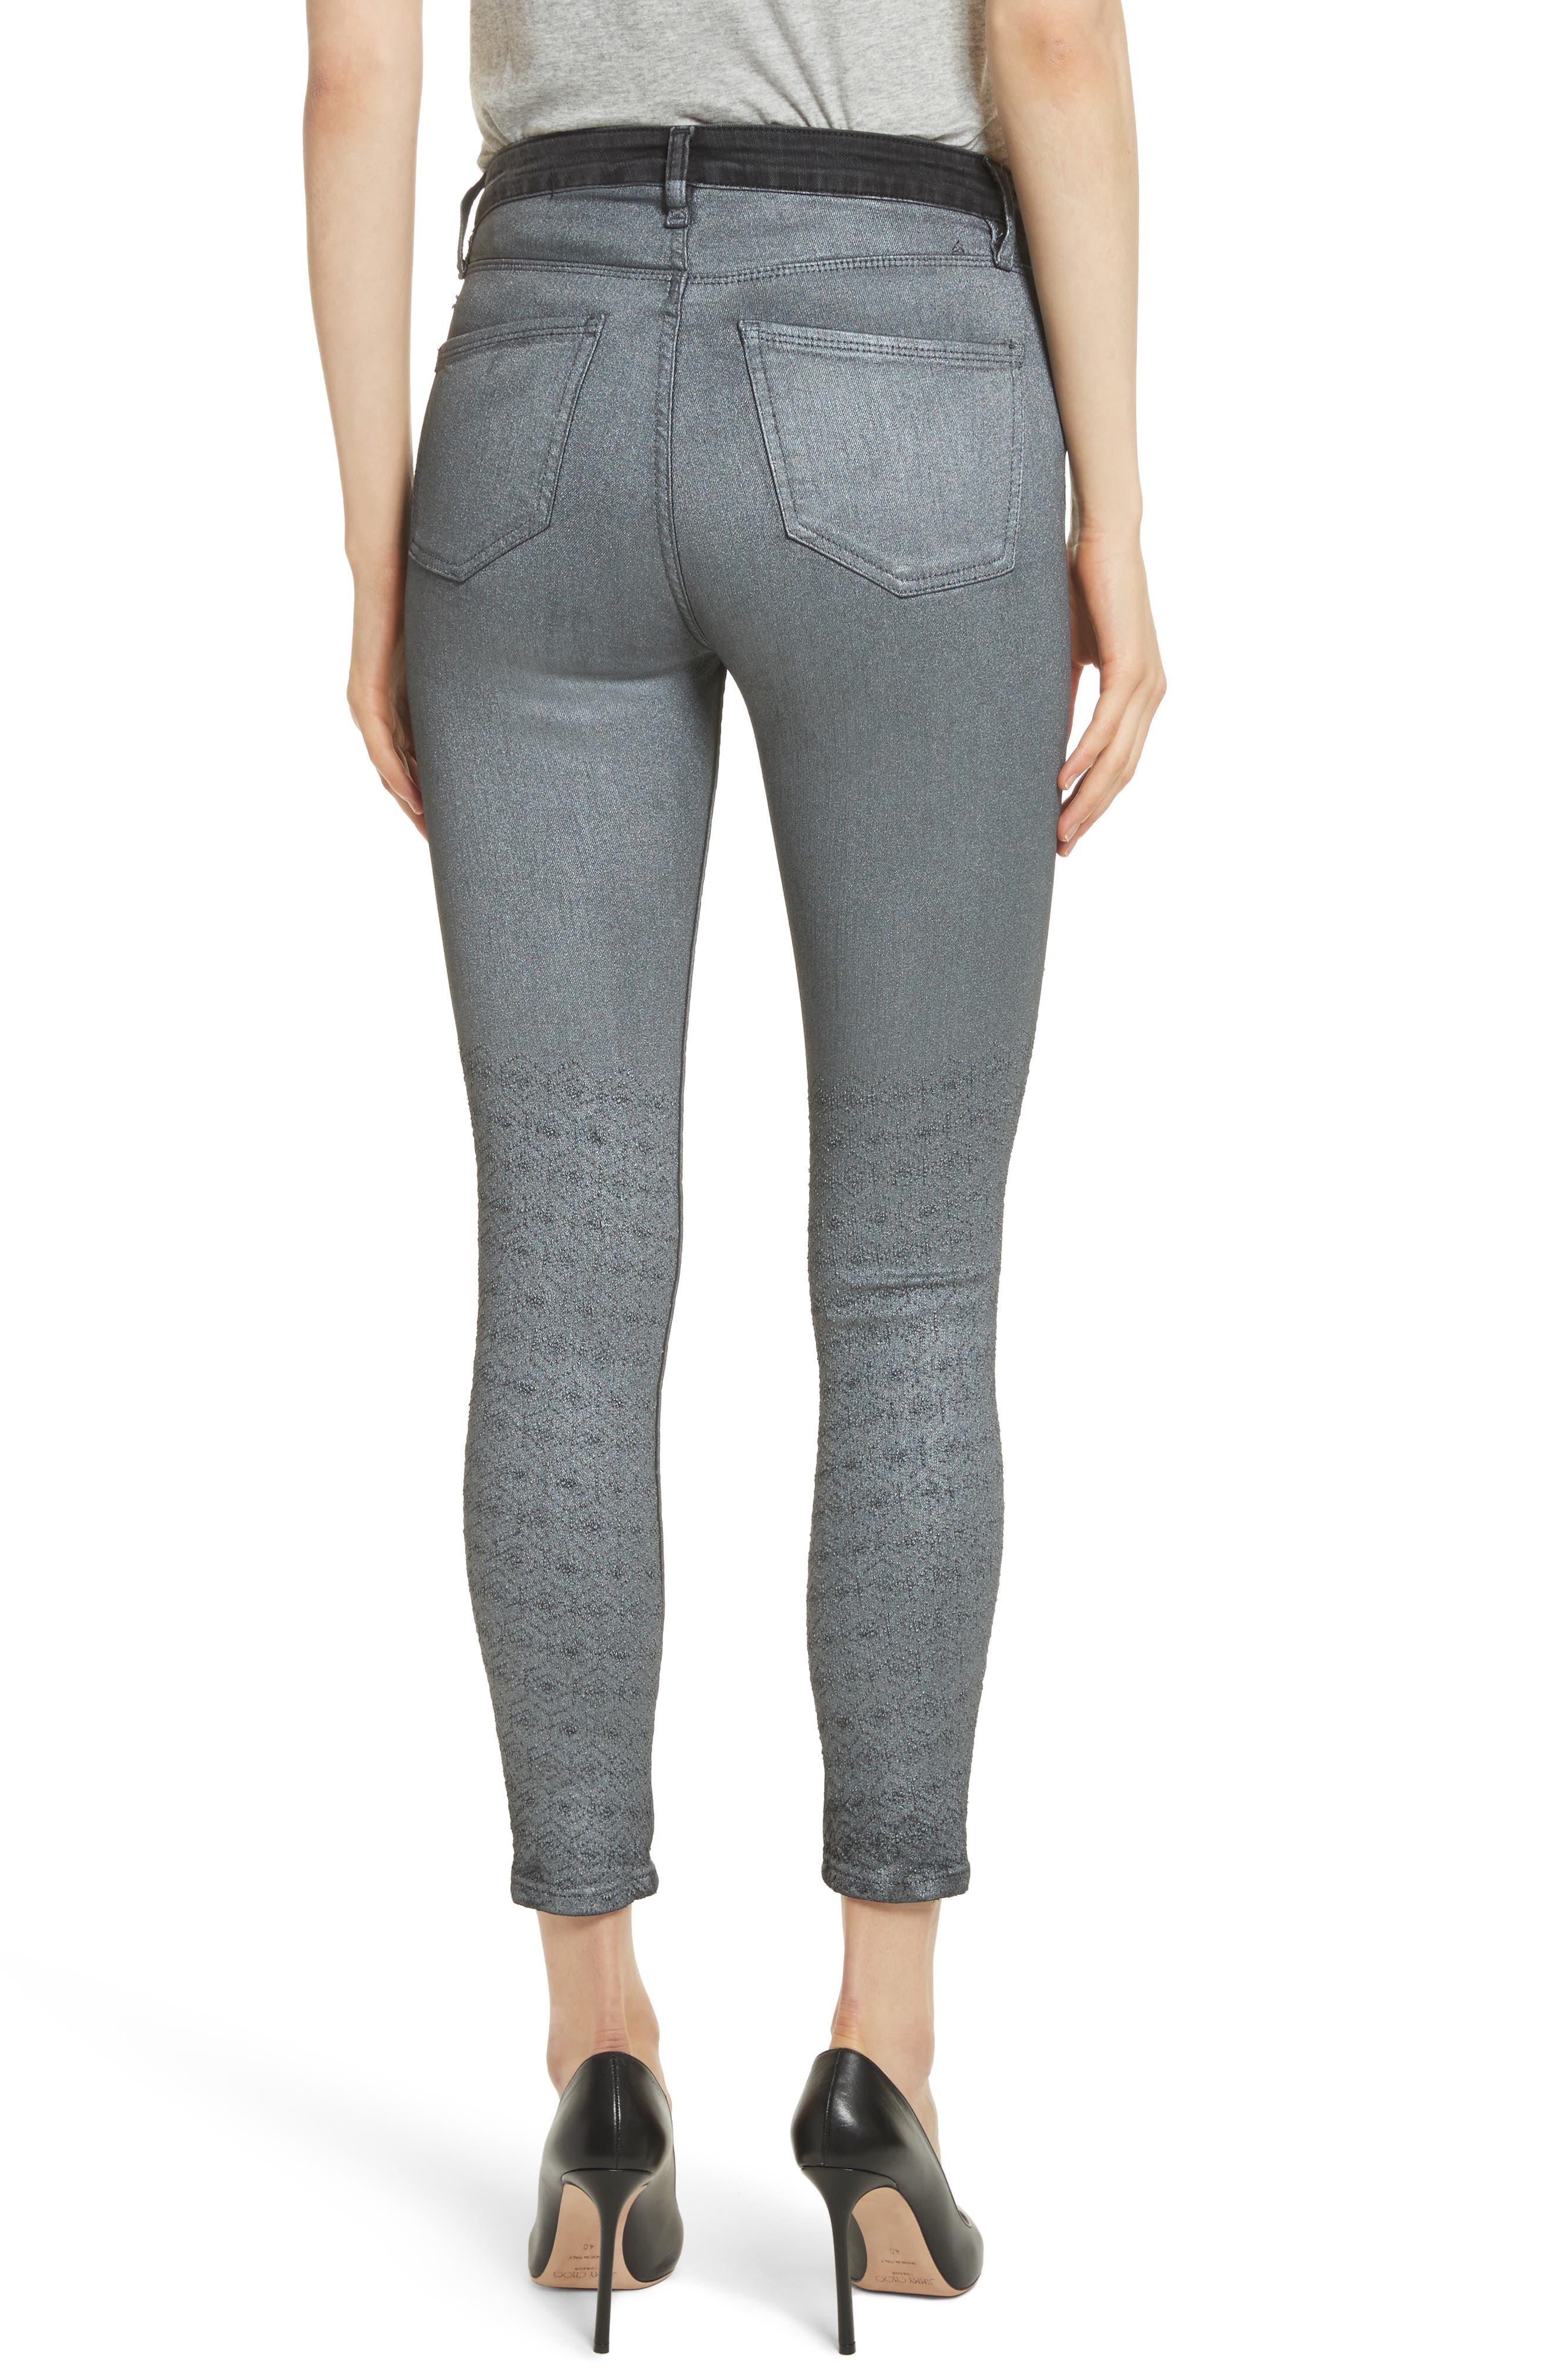 Reina Glitter Skinny Jeans,                             Alternate thumbnail 2, color,                             Black Used Glitter Silver